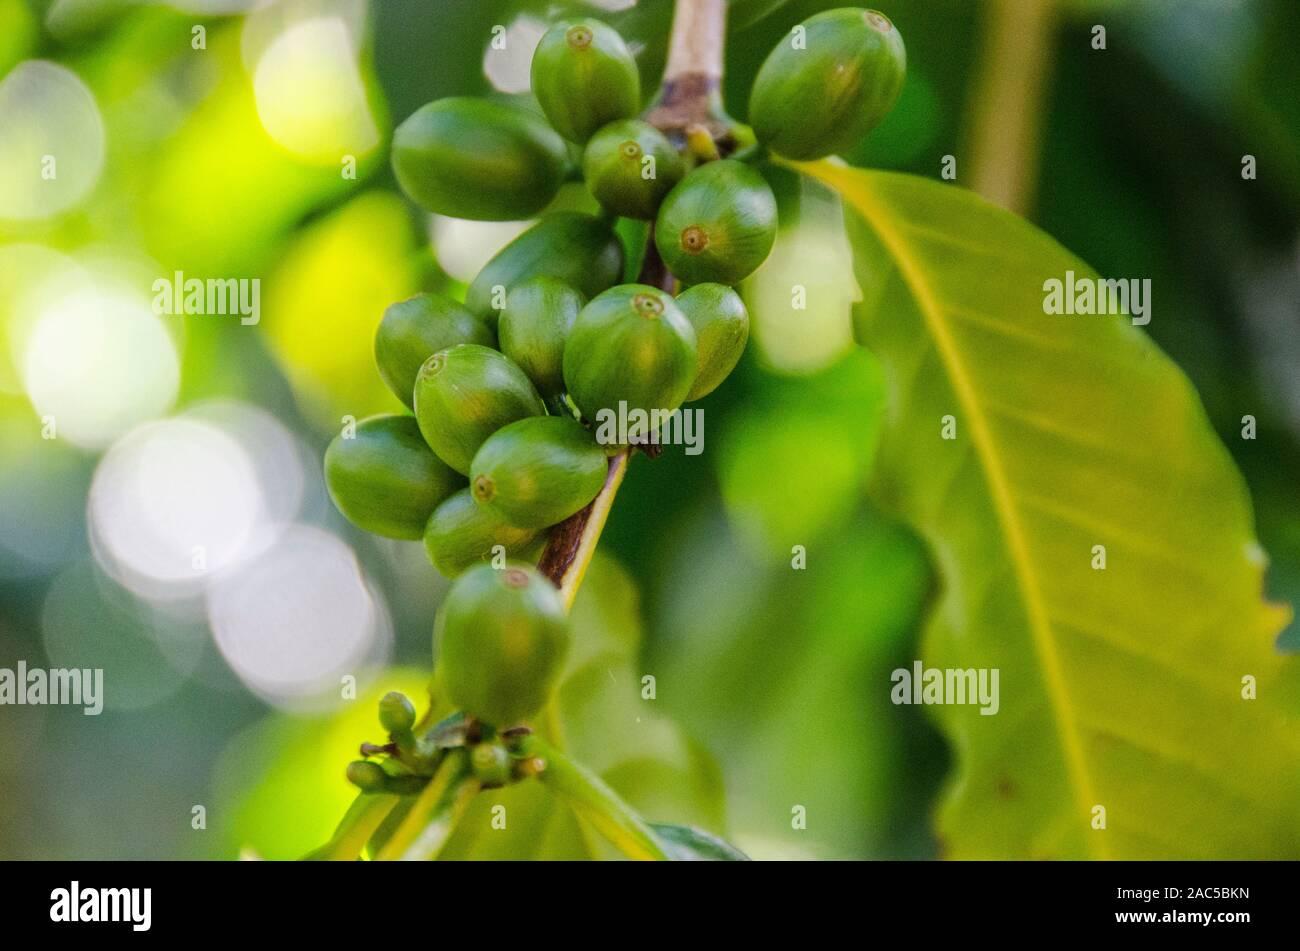 In der Nähe von grünen Kaffee Kirschen am Baum an der Kaleo's Koffee Obstgarten in Pa'auilo Mauka auf der grossen Insel. Stockfoto